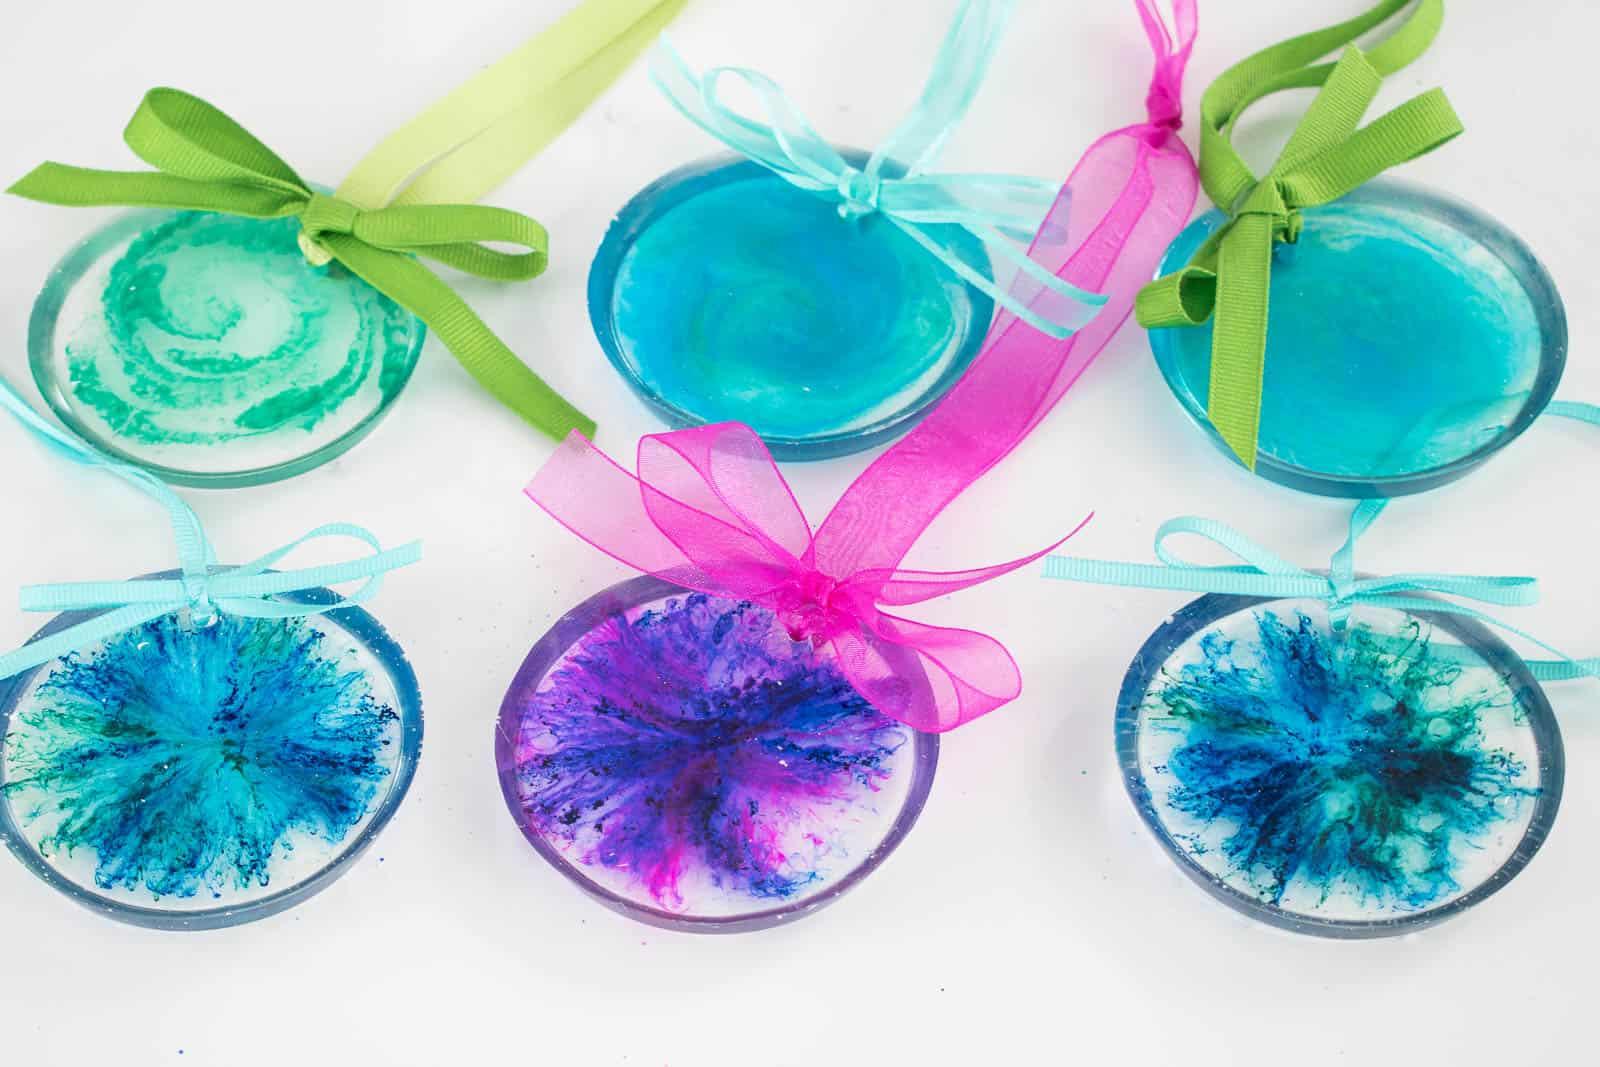 epoxy pour ornaments